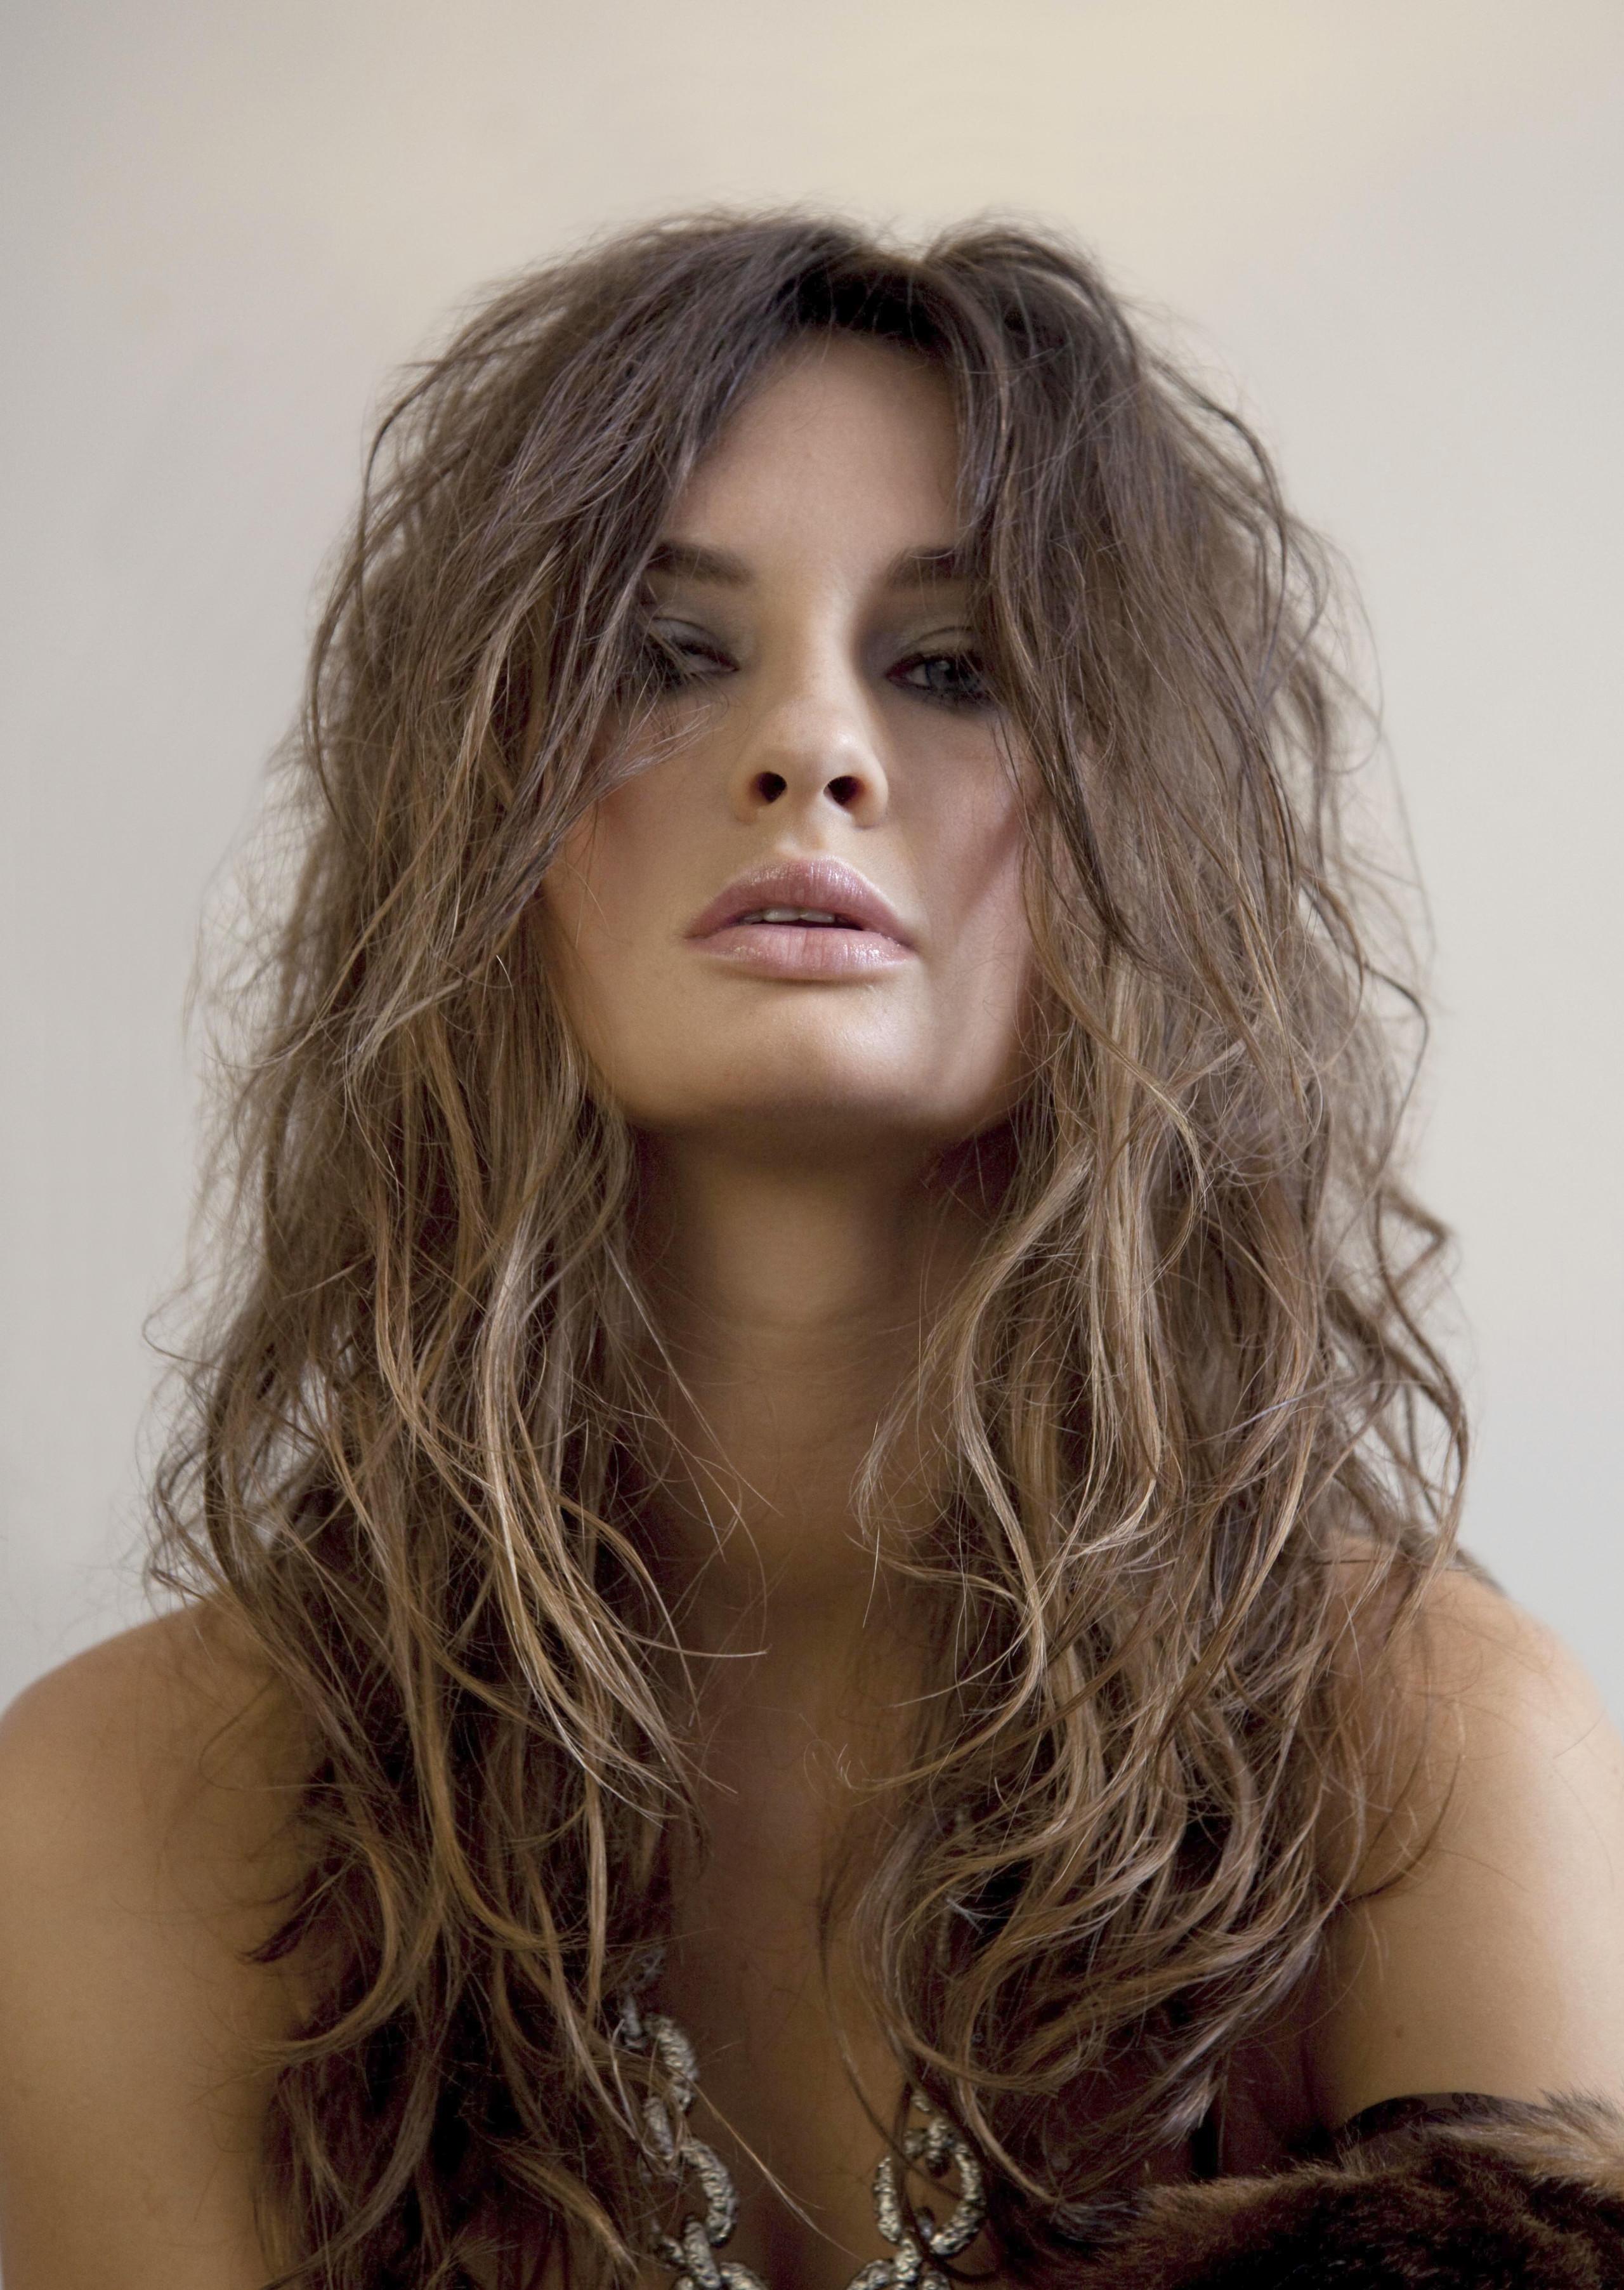 Foto de 11 propuestas muy primaverales (e ideales) para el cabello del estilista Rossano Ferretti (1/11)